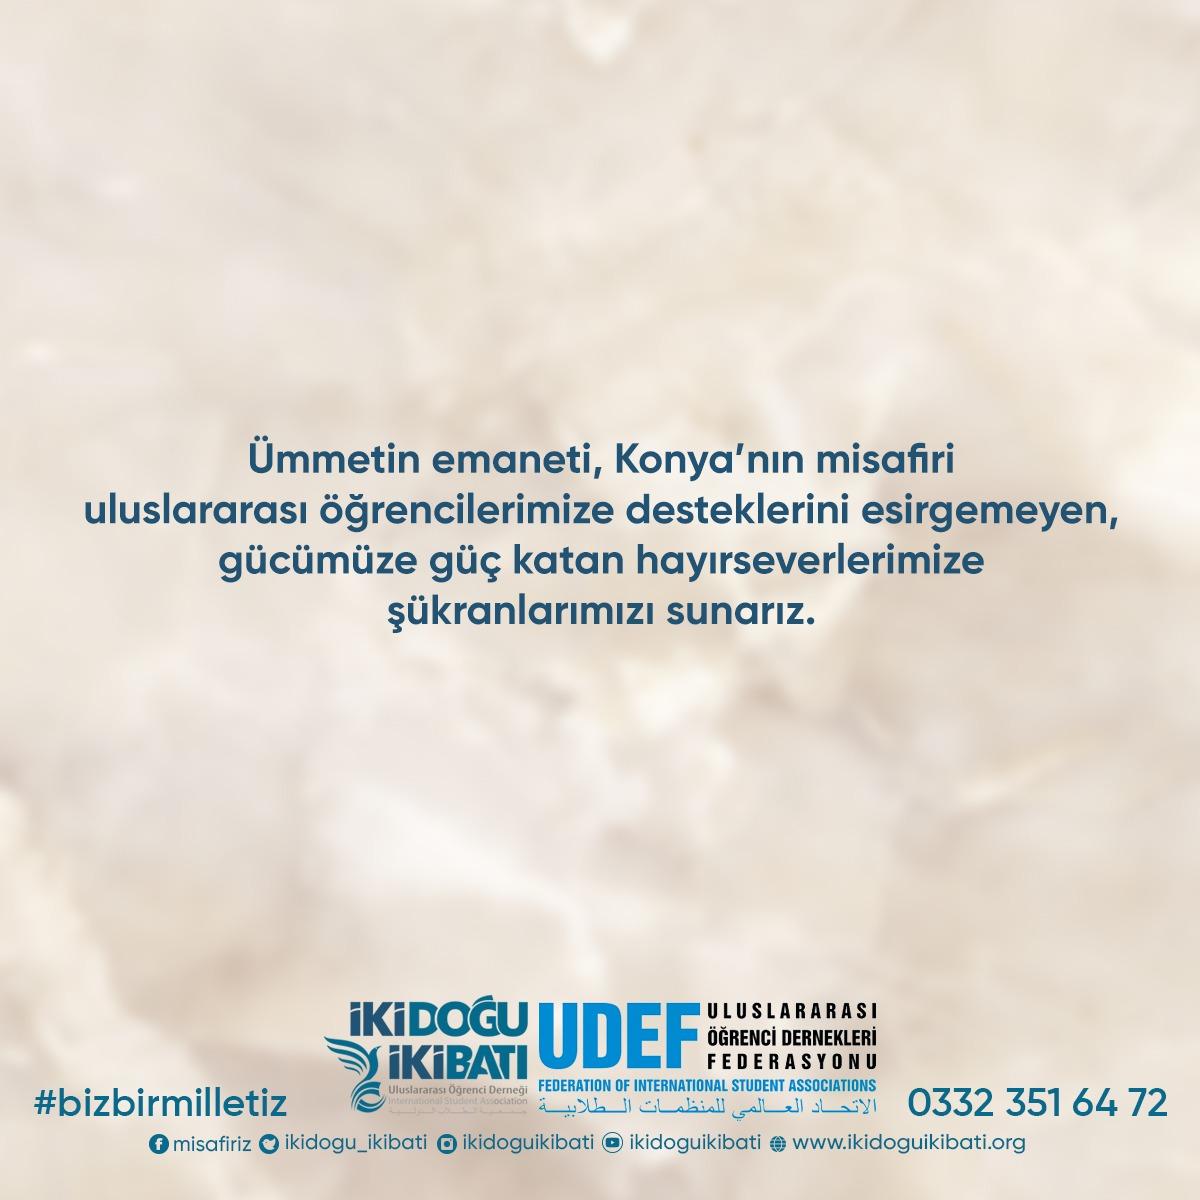 Konya'daki Uluslararası Öğrencilere 238 bin 377 TL Değerinde Bağış